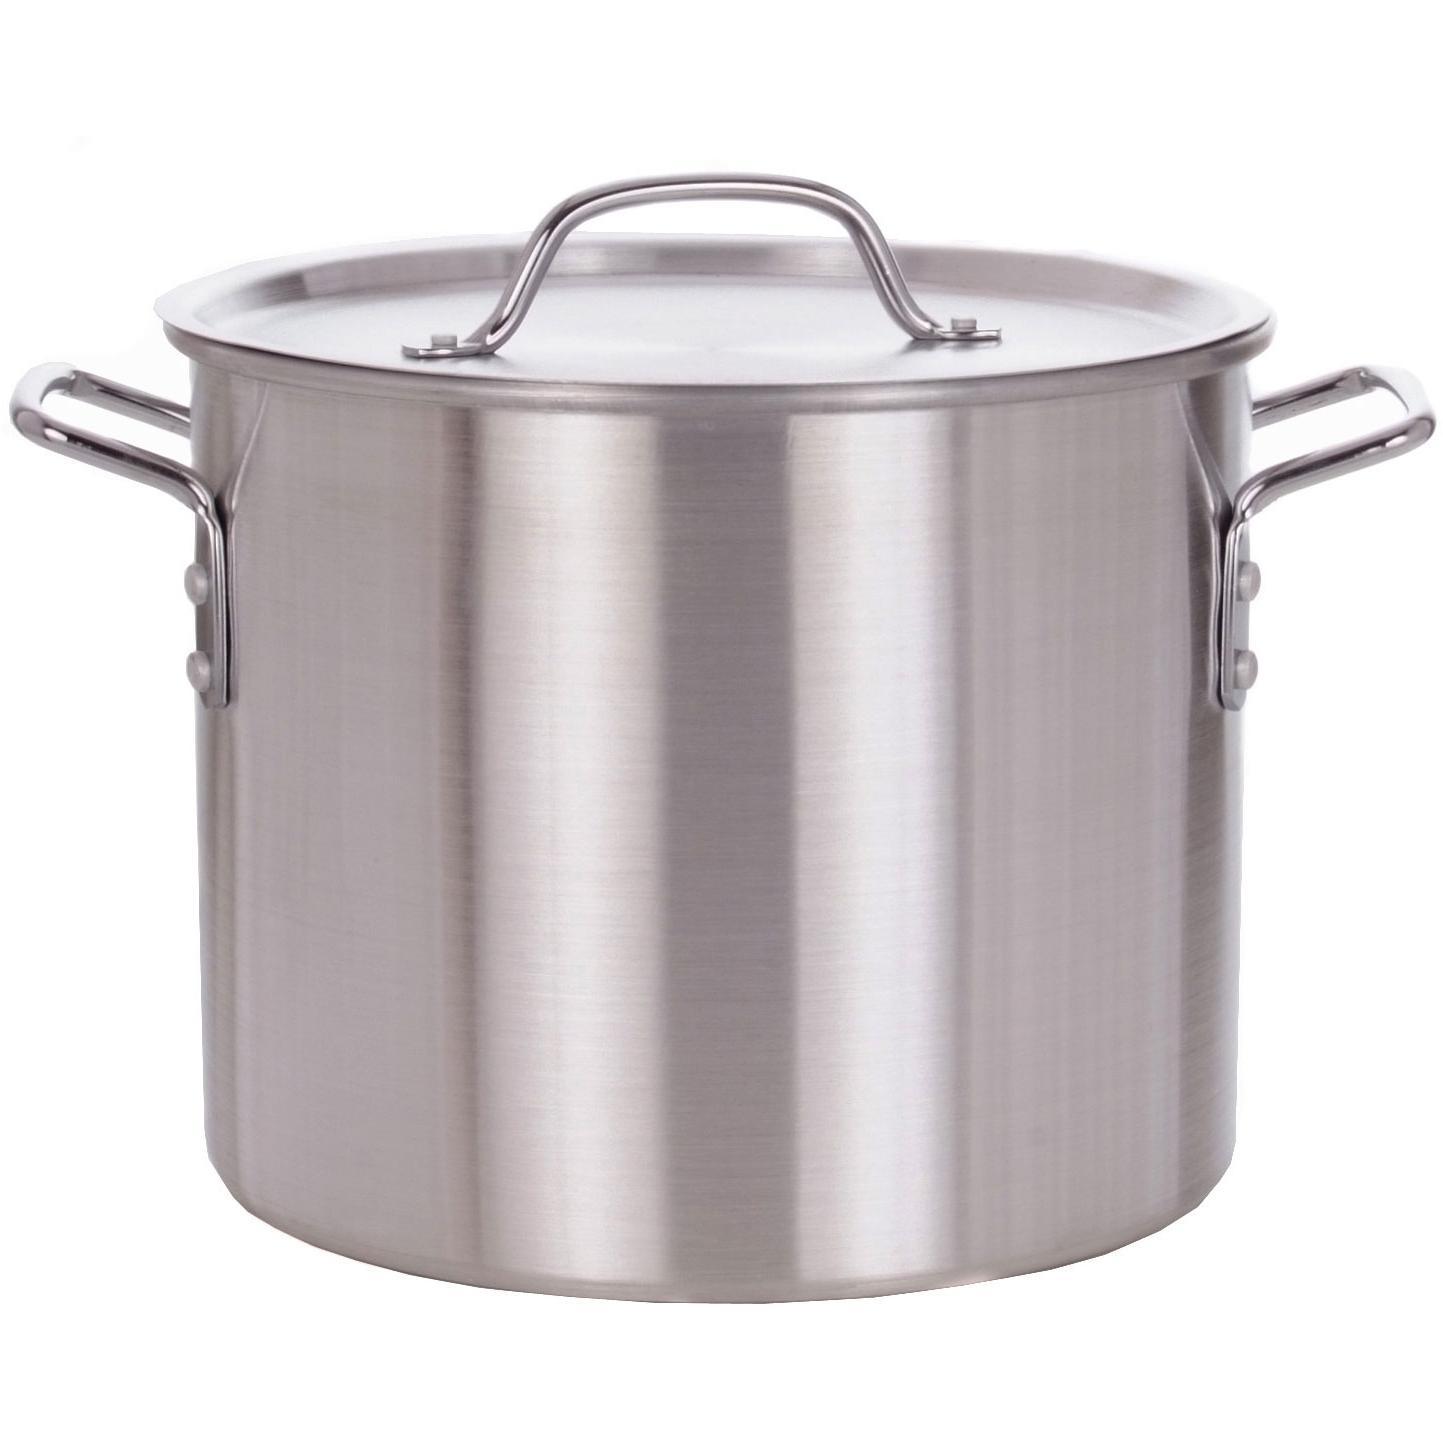 Cajun Cookware Pots 16 Quart Aluminum Stock Pot